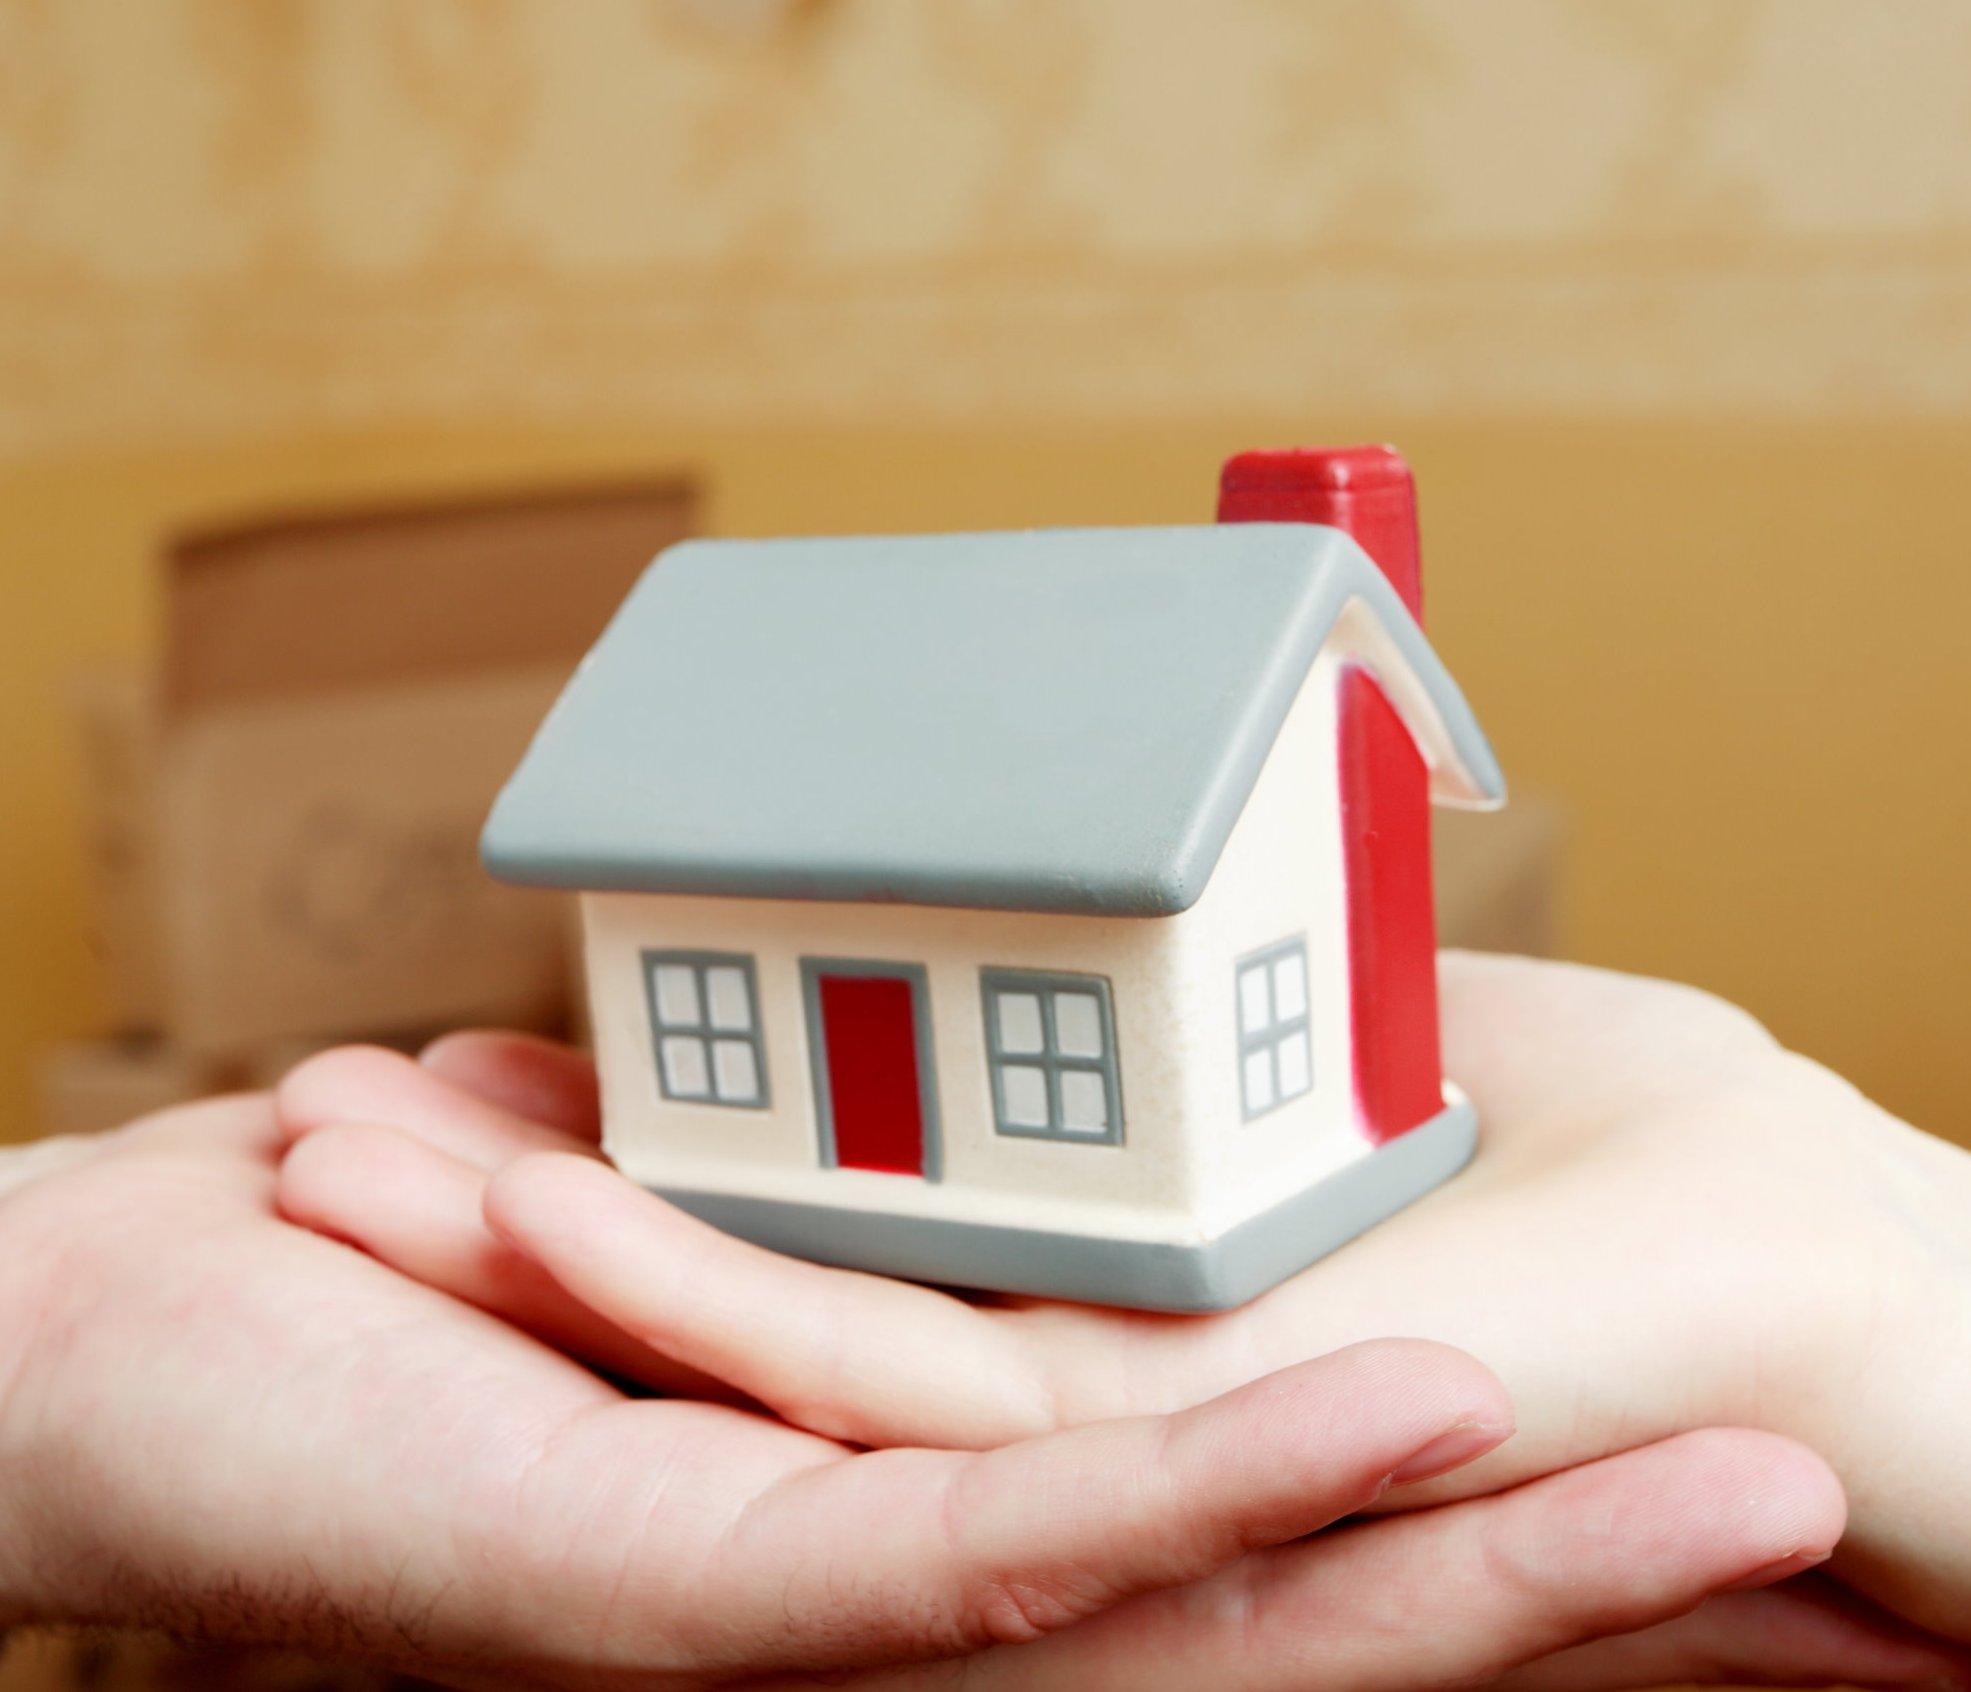 Achat immobilier : une activité commerciale cruciale